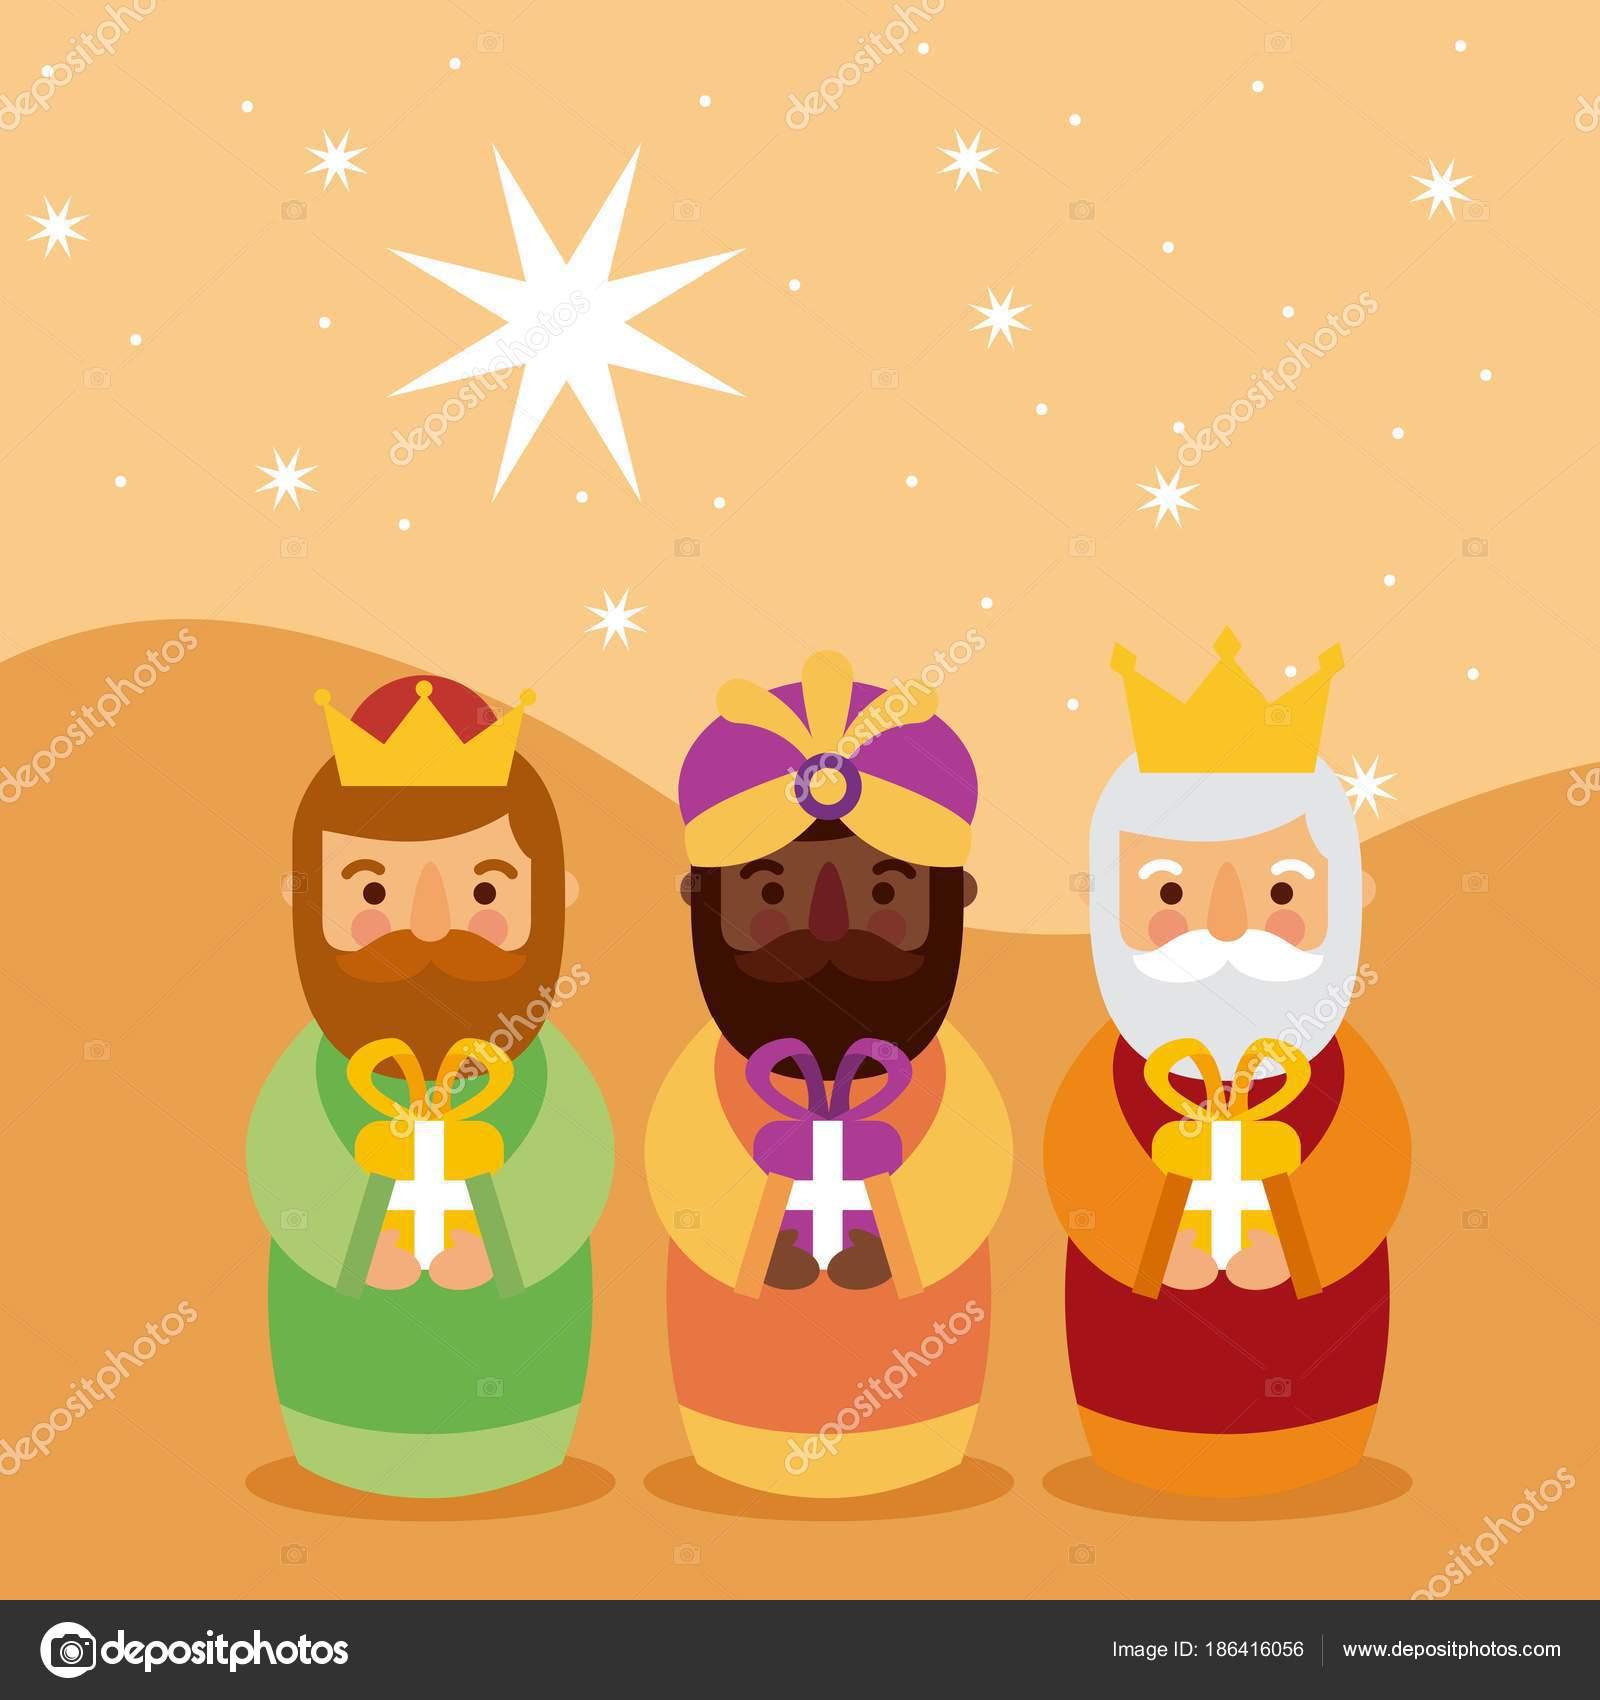 Feliz Dia De Reyes Fotos.Feliz Dia De Los Reyes Three Magic Kings Bring Presents To